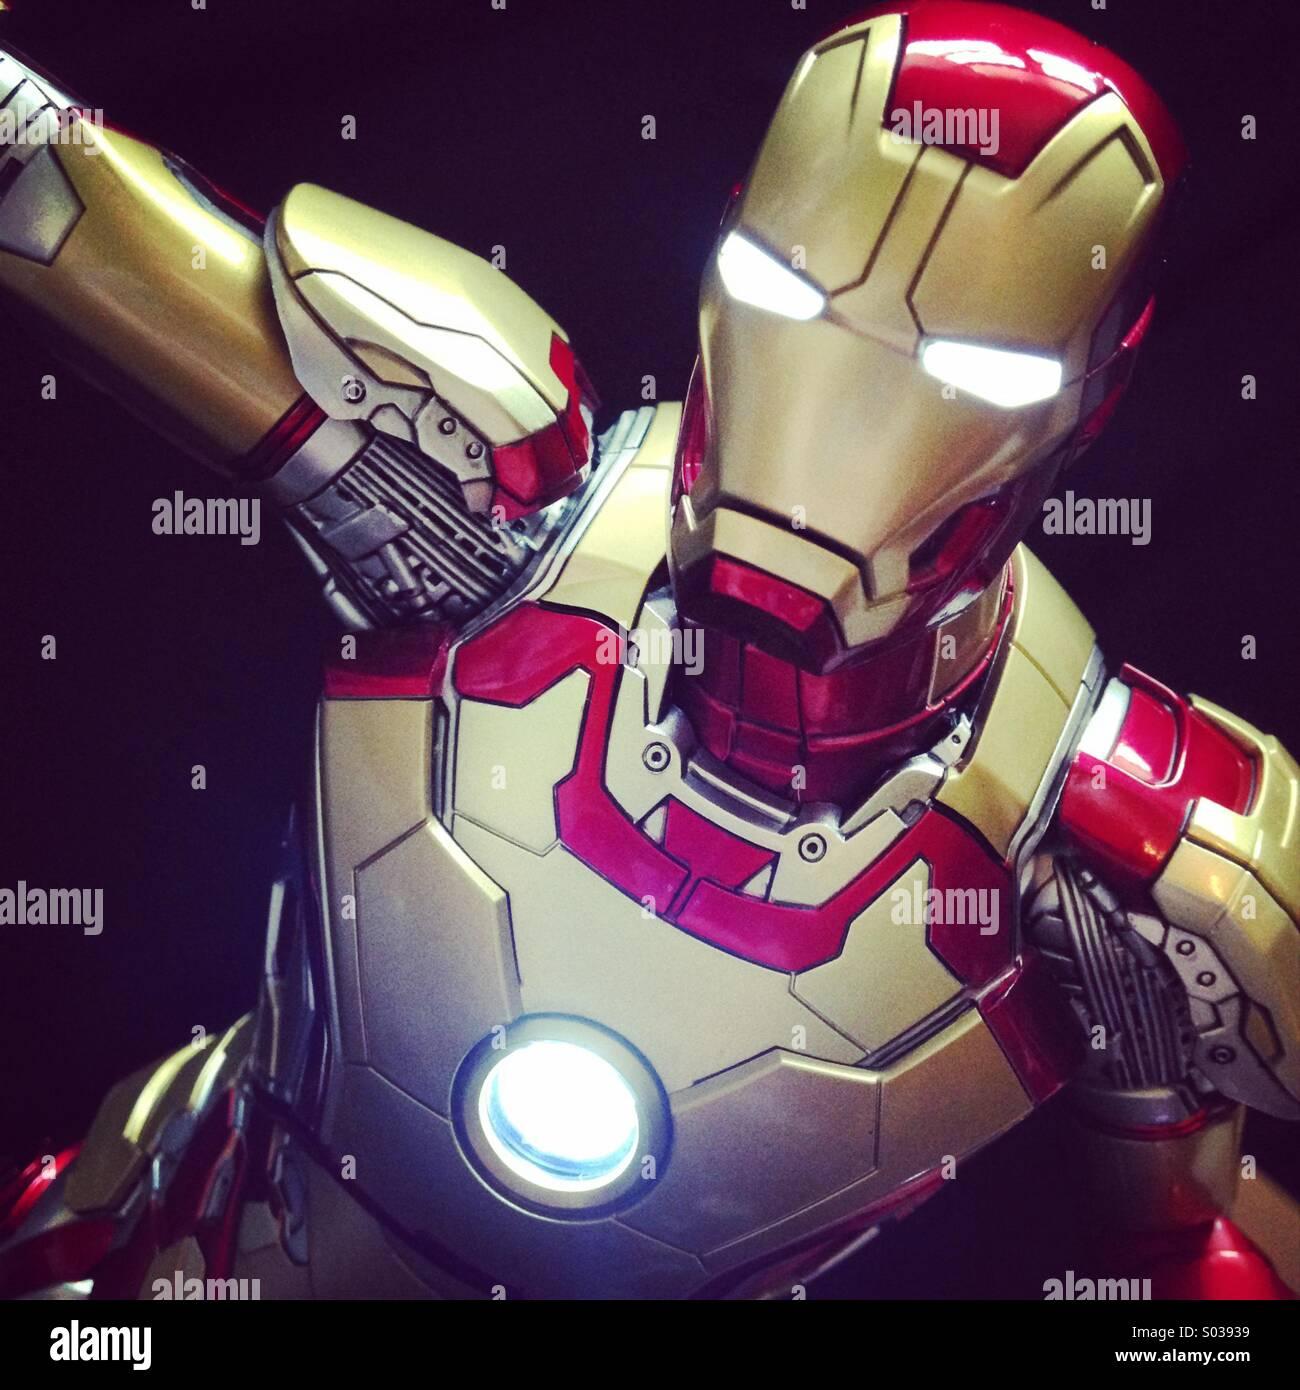 Iron Man Comic Book Stock Photos & Iron Man Comic Book